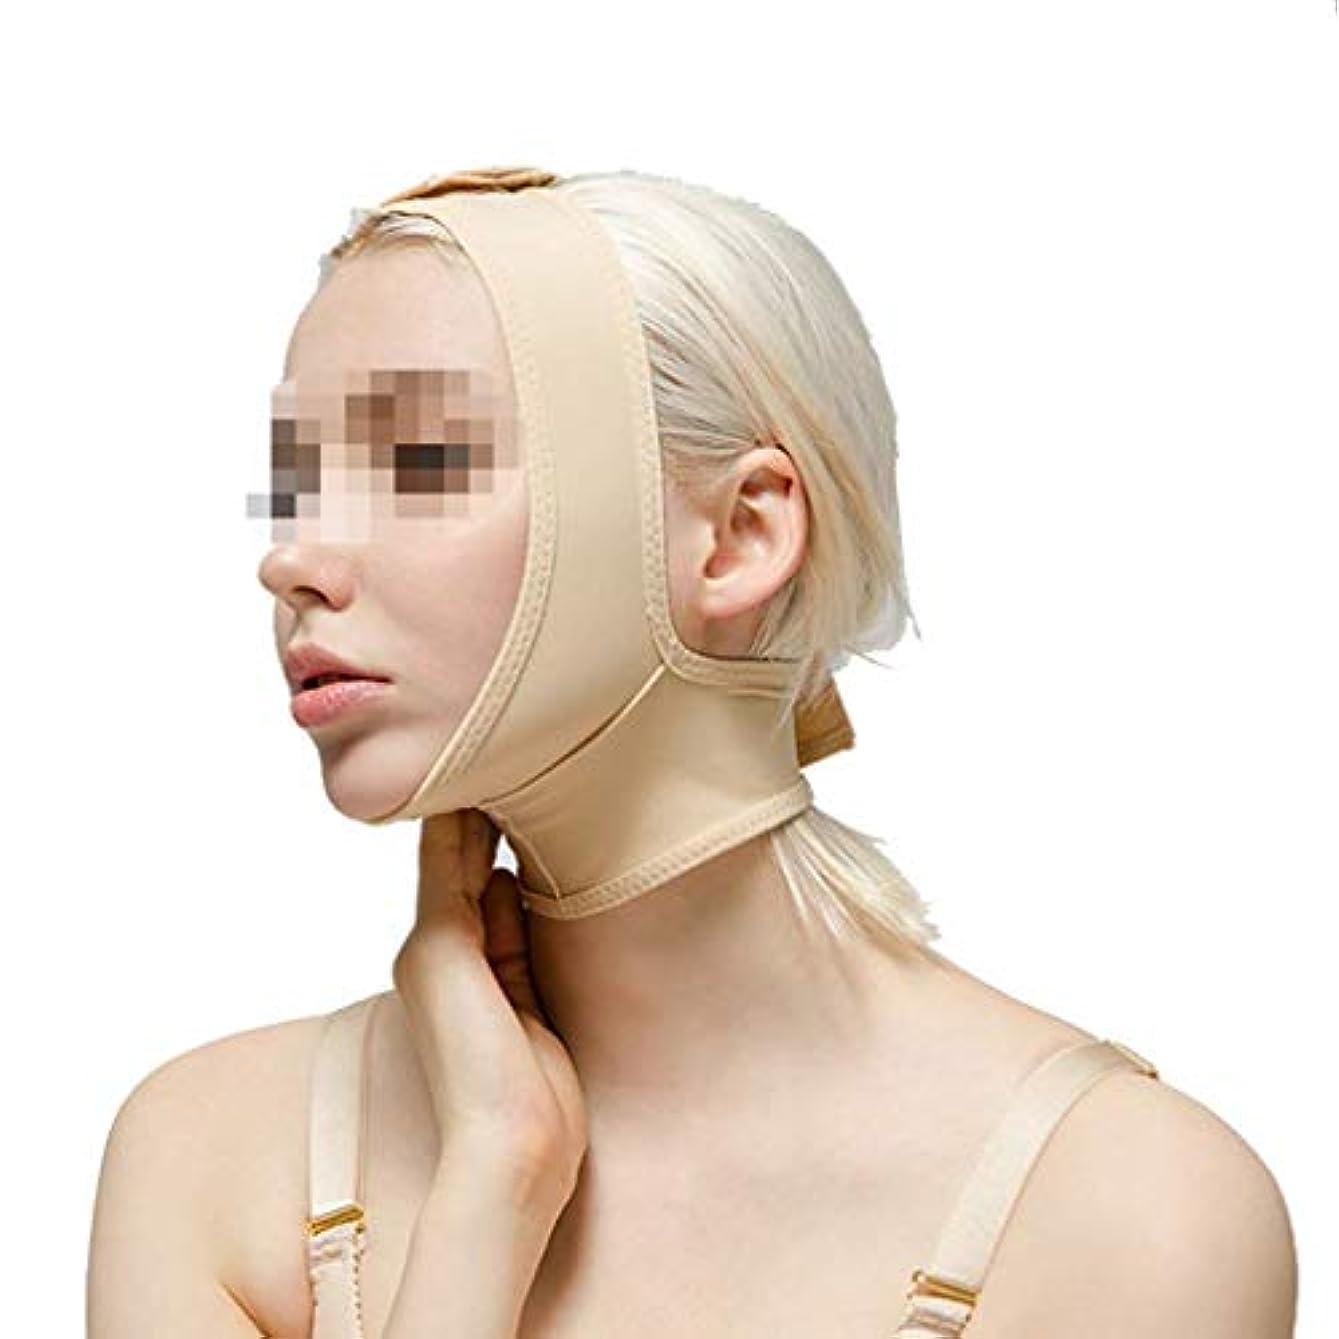 血統緊張みすぼらしい術後弾性スリーブ、下顎バンドルフェイスバンデージフェイシャルビームダブルチンシンフェイスマスクマルチサイズオプション(サイズ:XXL)